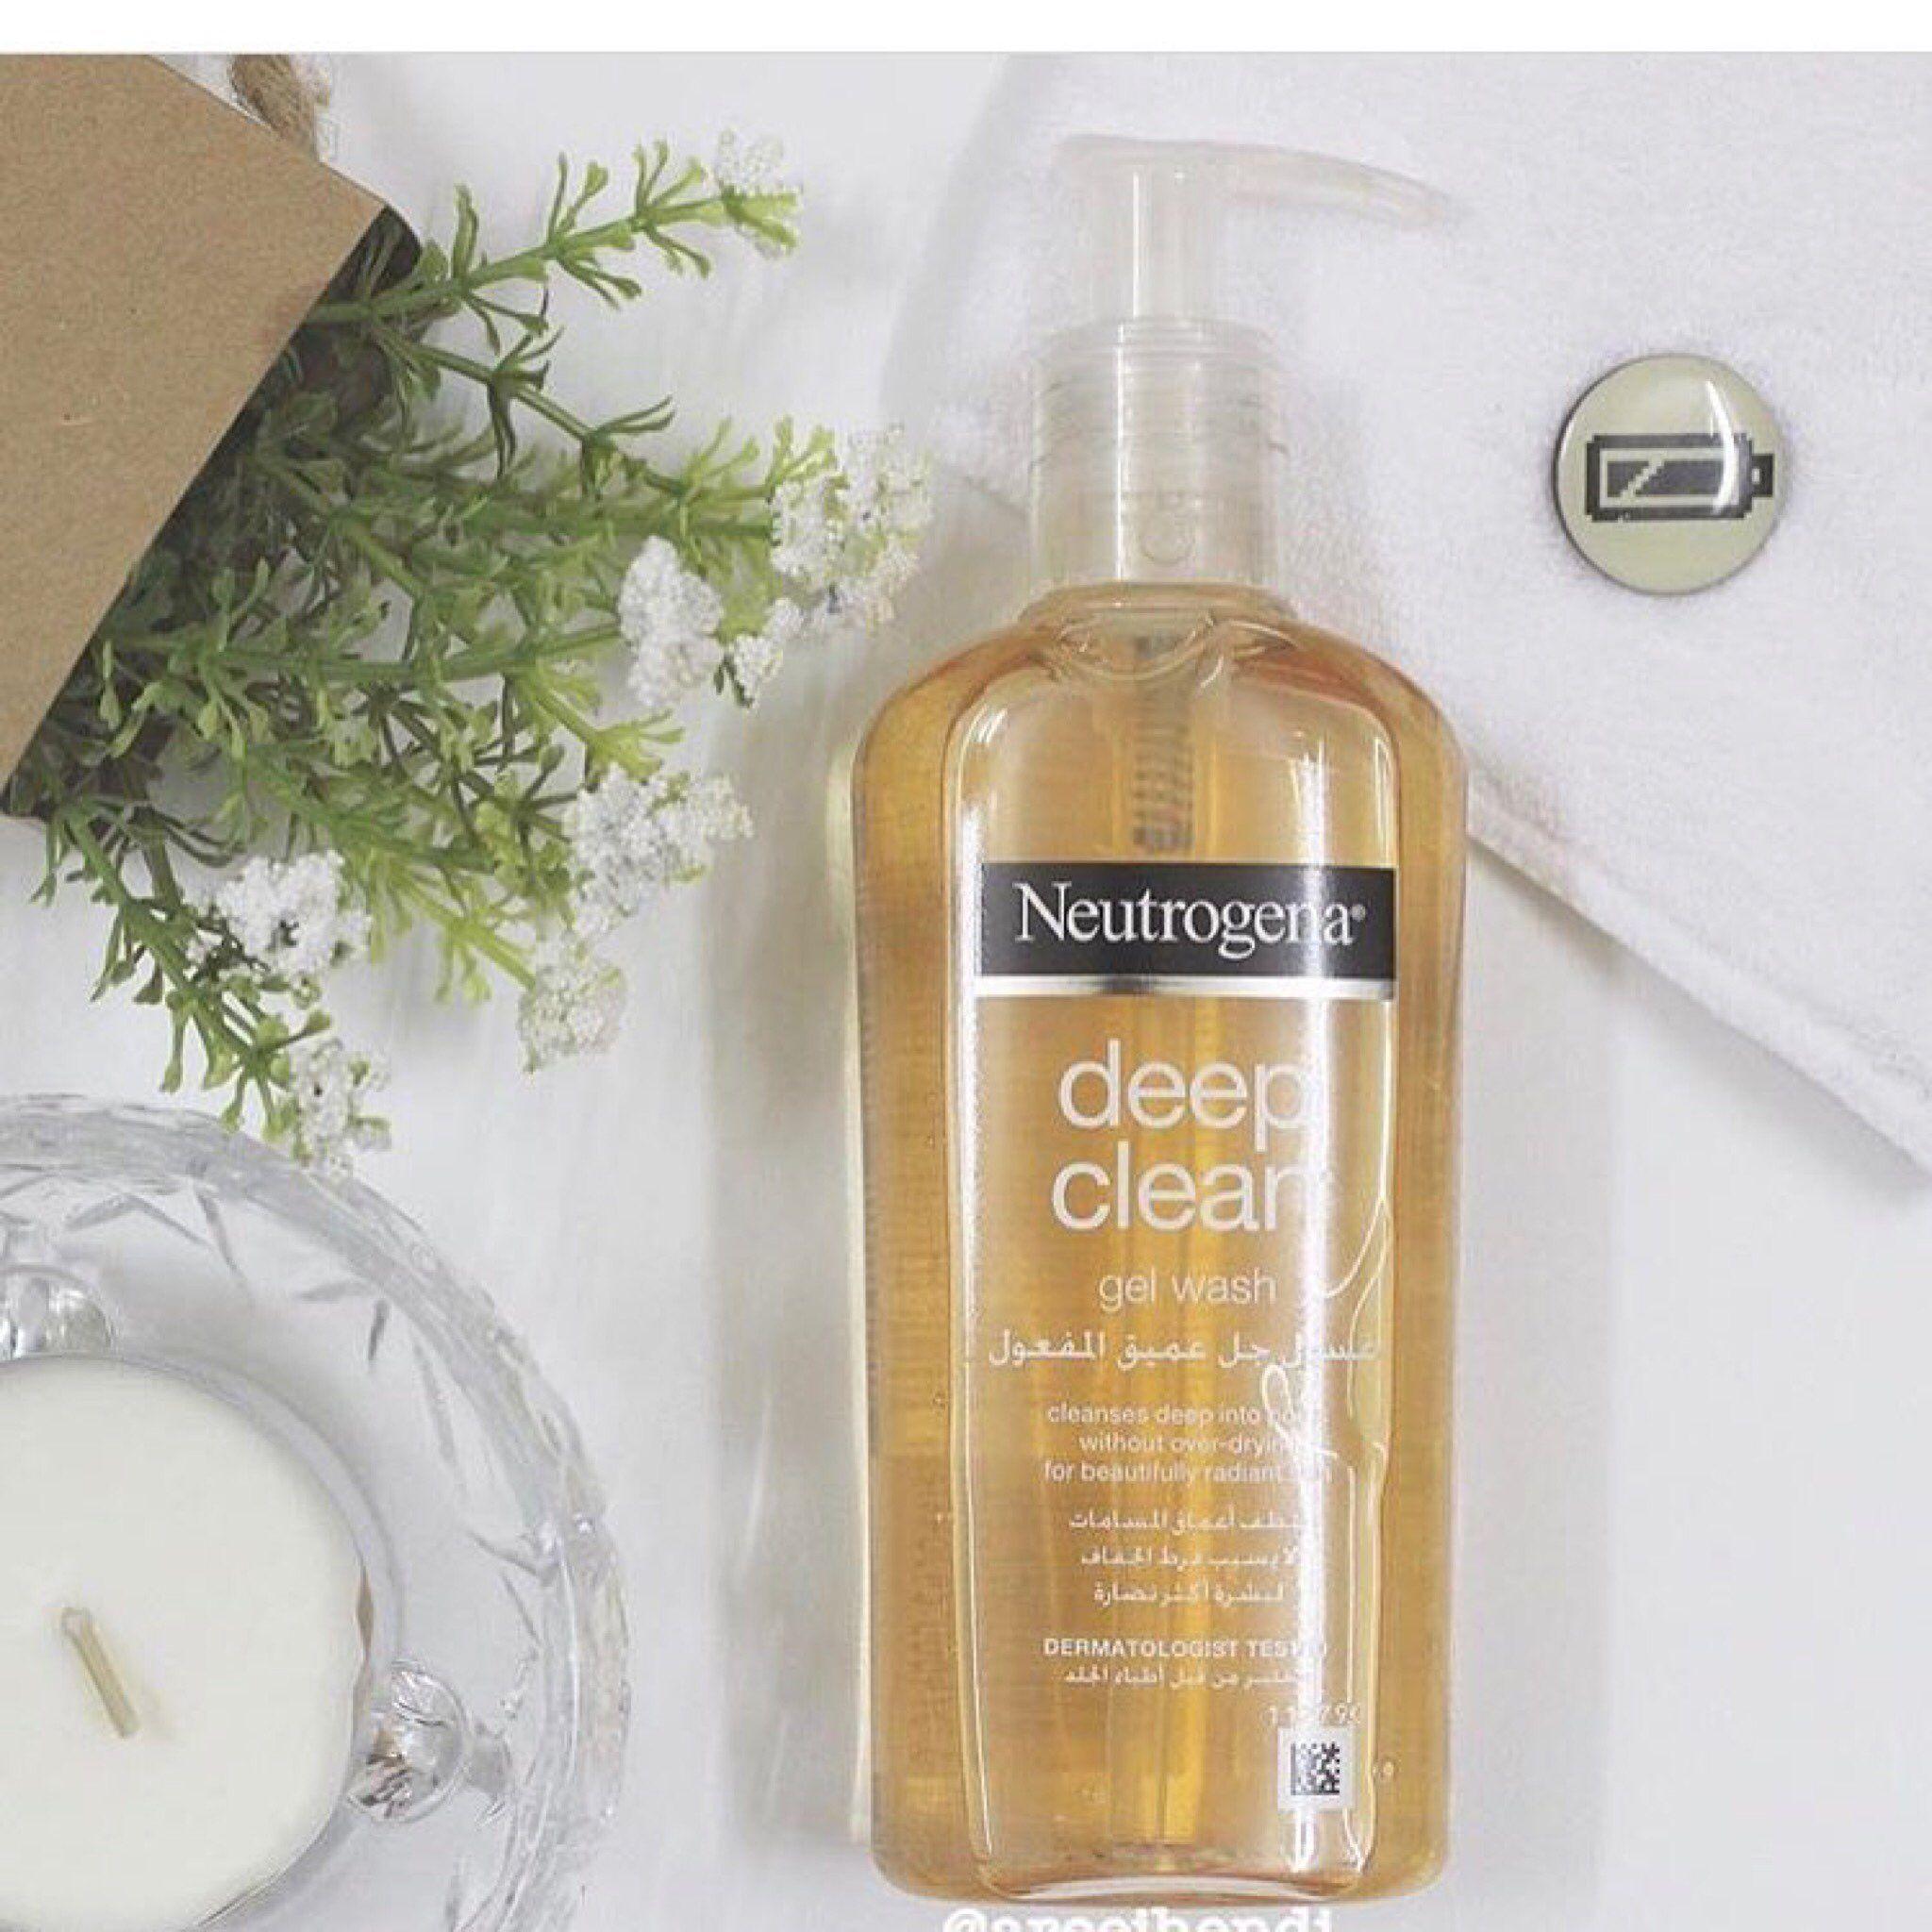 غسول نيتروجينا الأصفر Gel Wash Shampoo Bottle Hand Soap Bottle